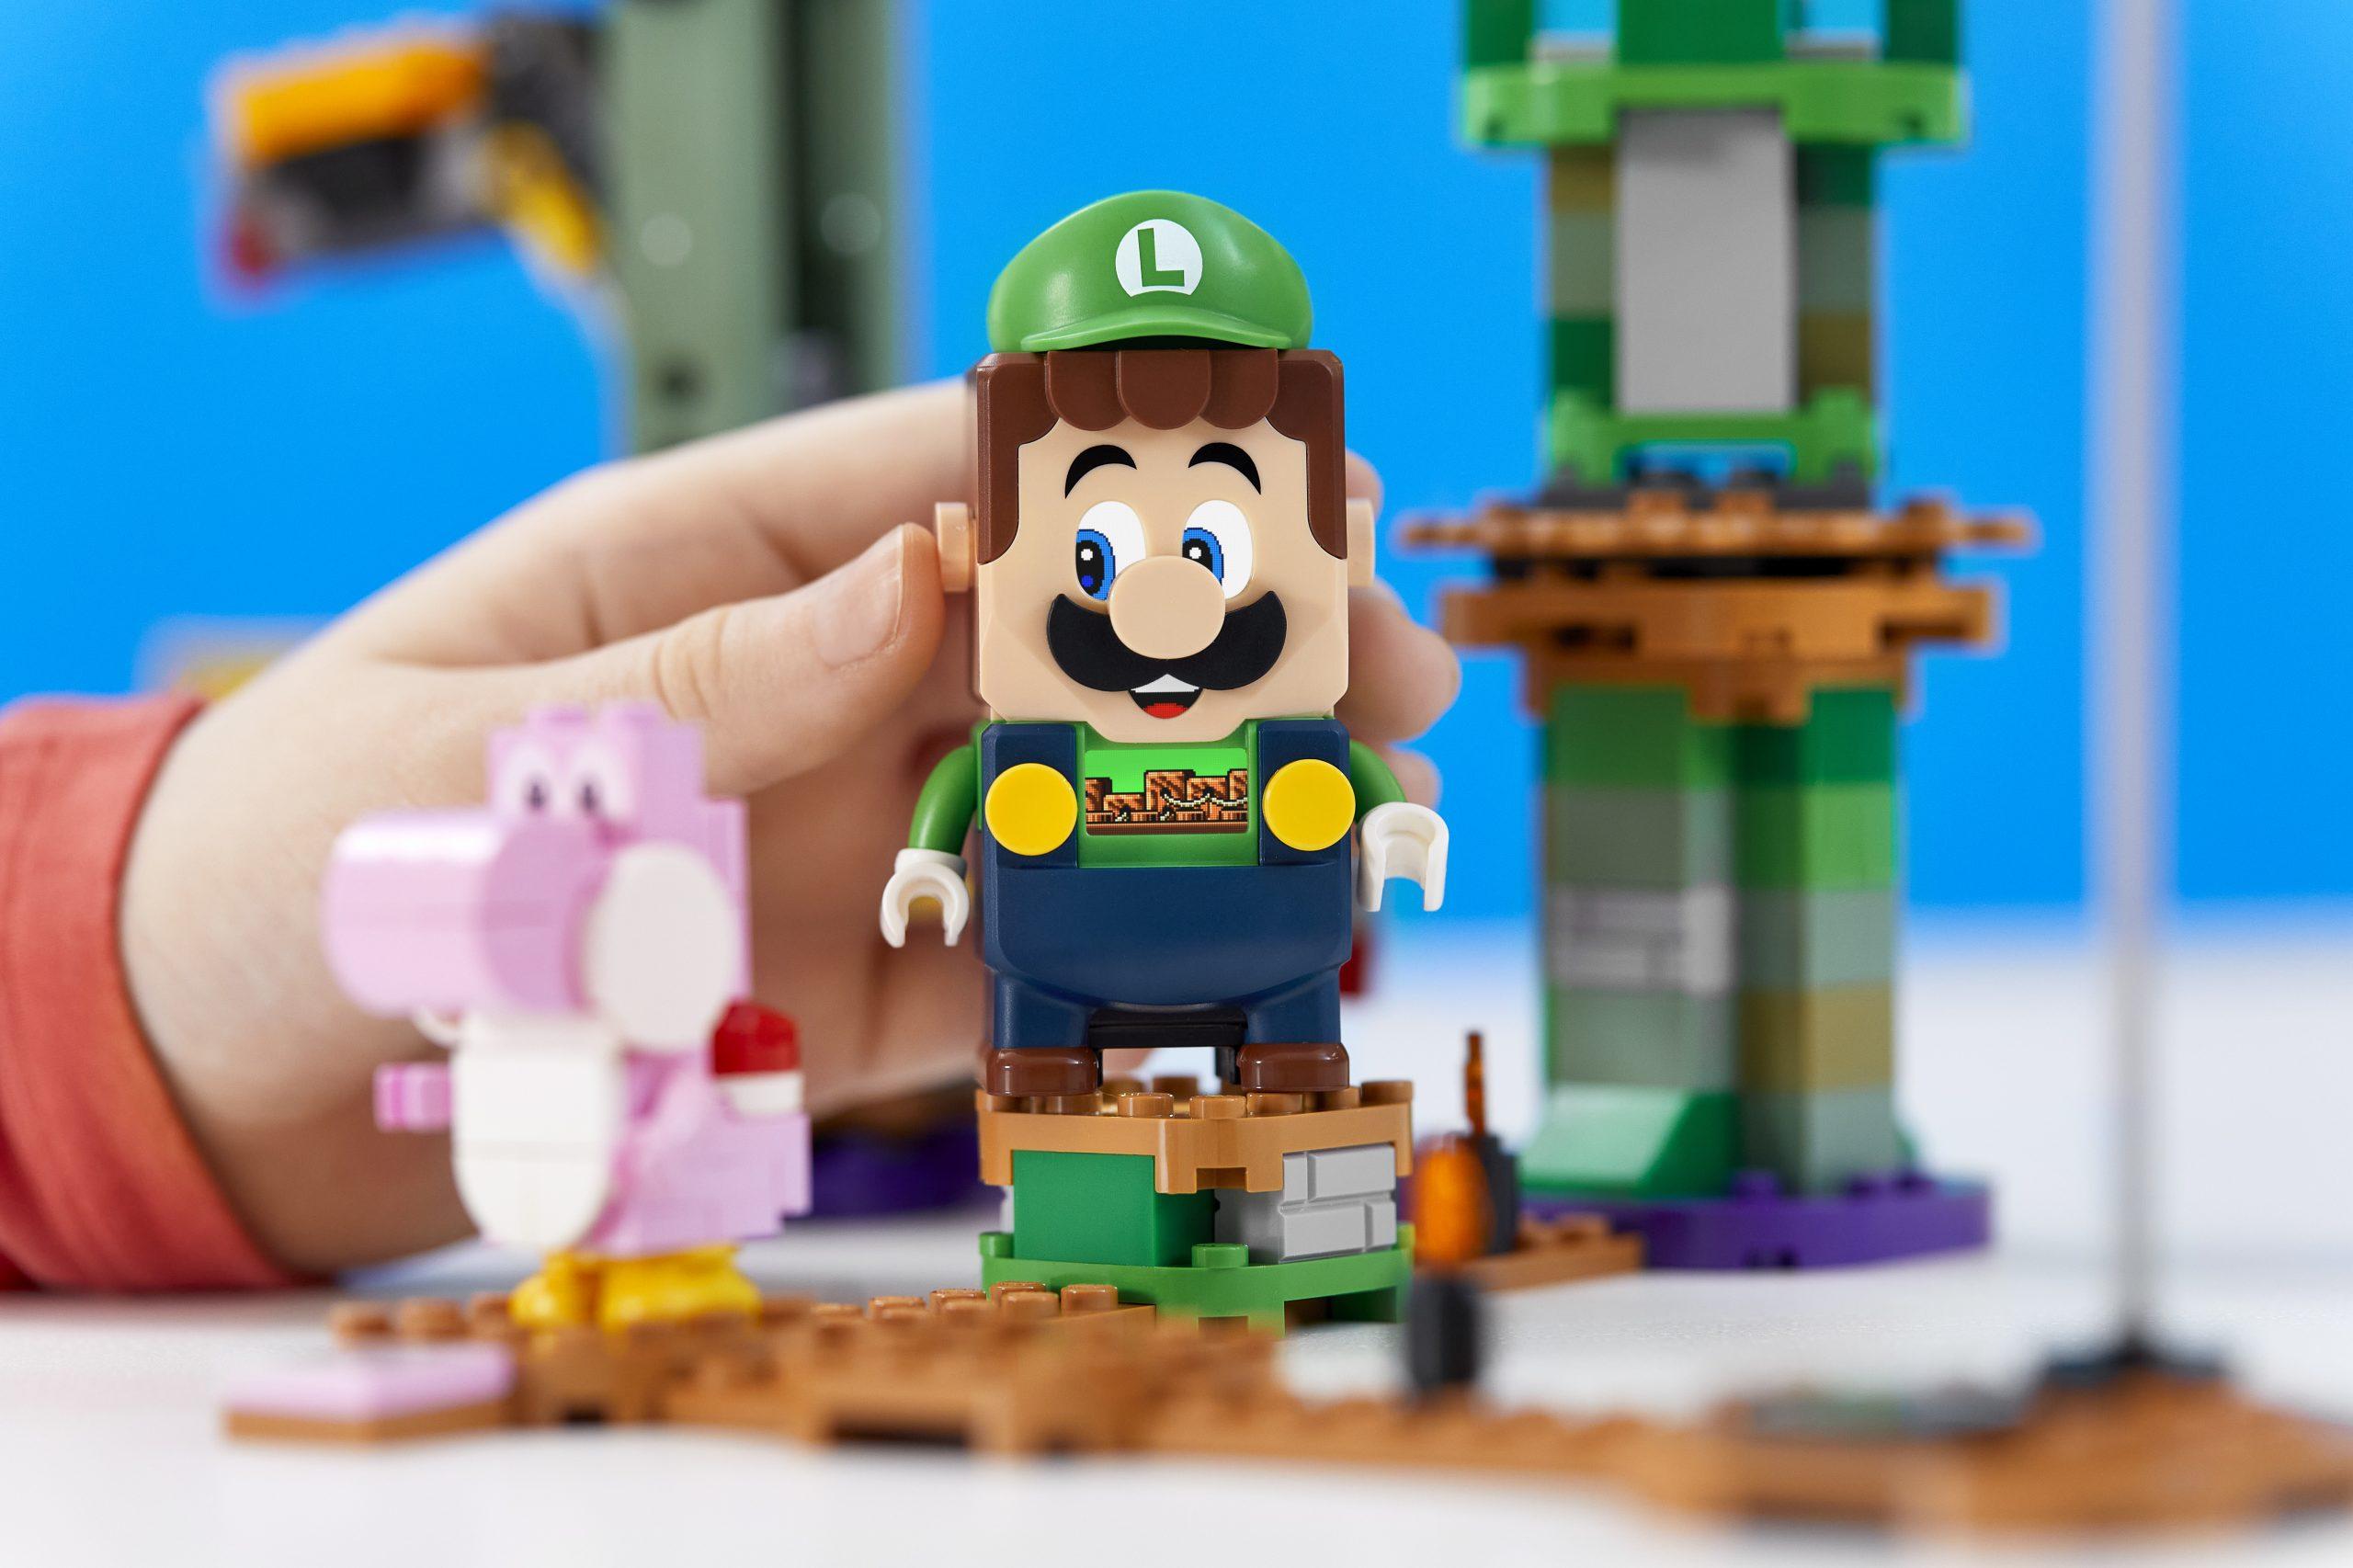 LEGO lanzará un nuevo set de Super Mario Adventures inspirado en Luigi